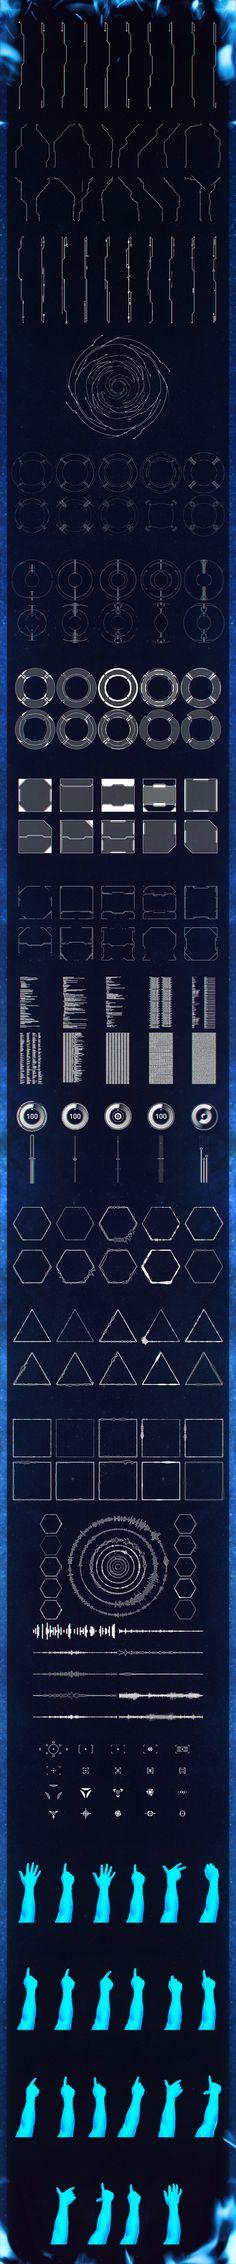 Eclipse V3 HUD Elements